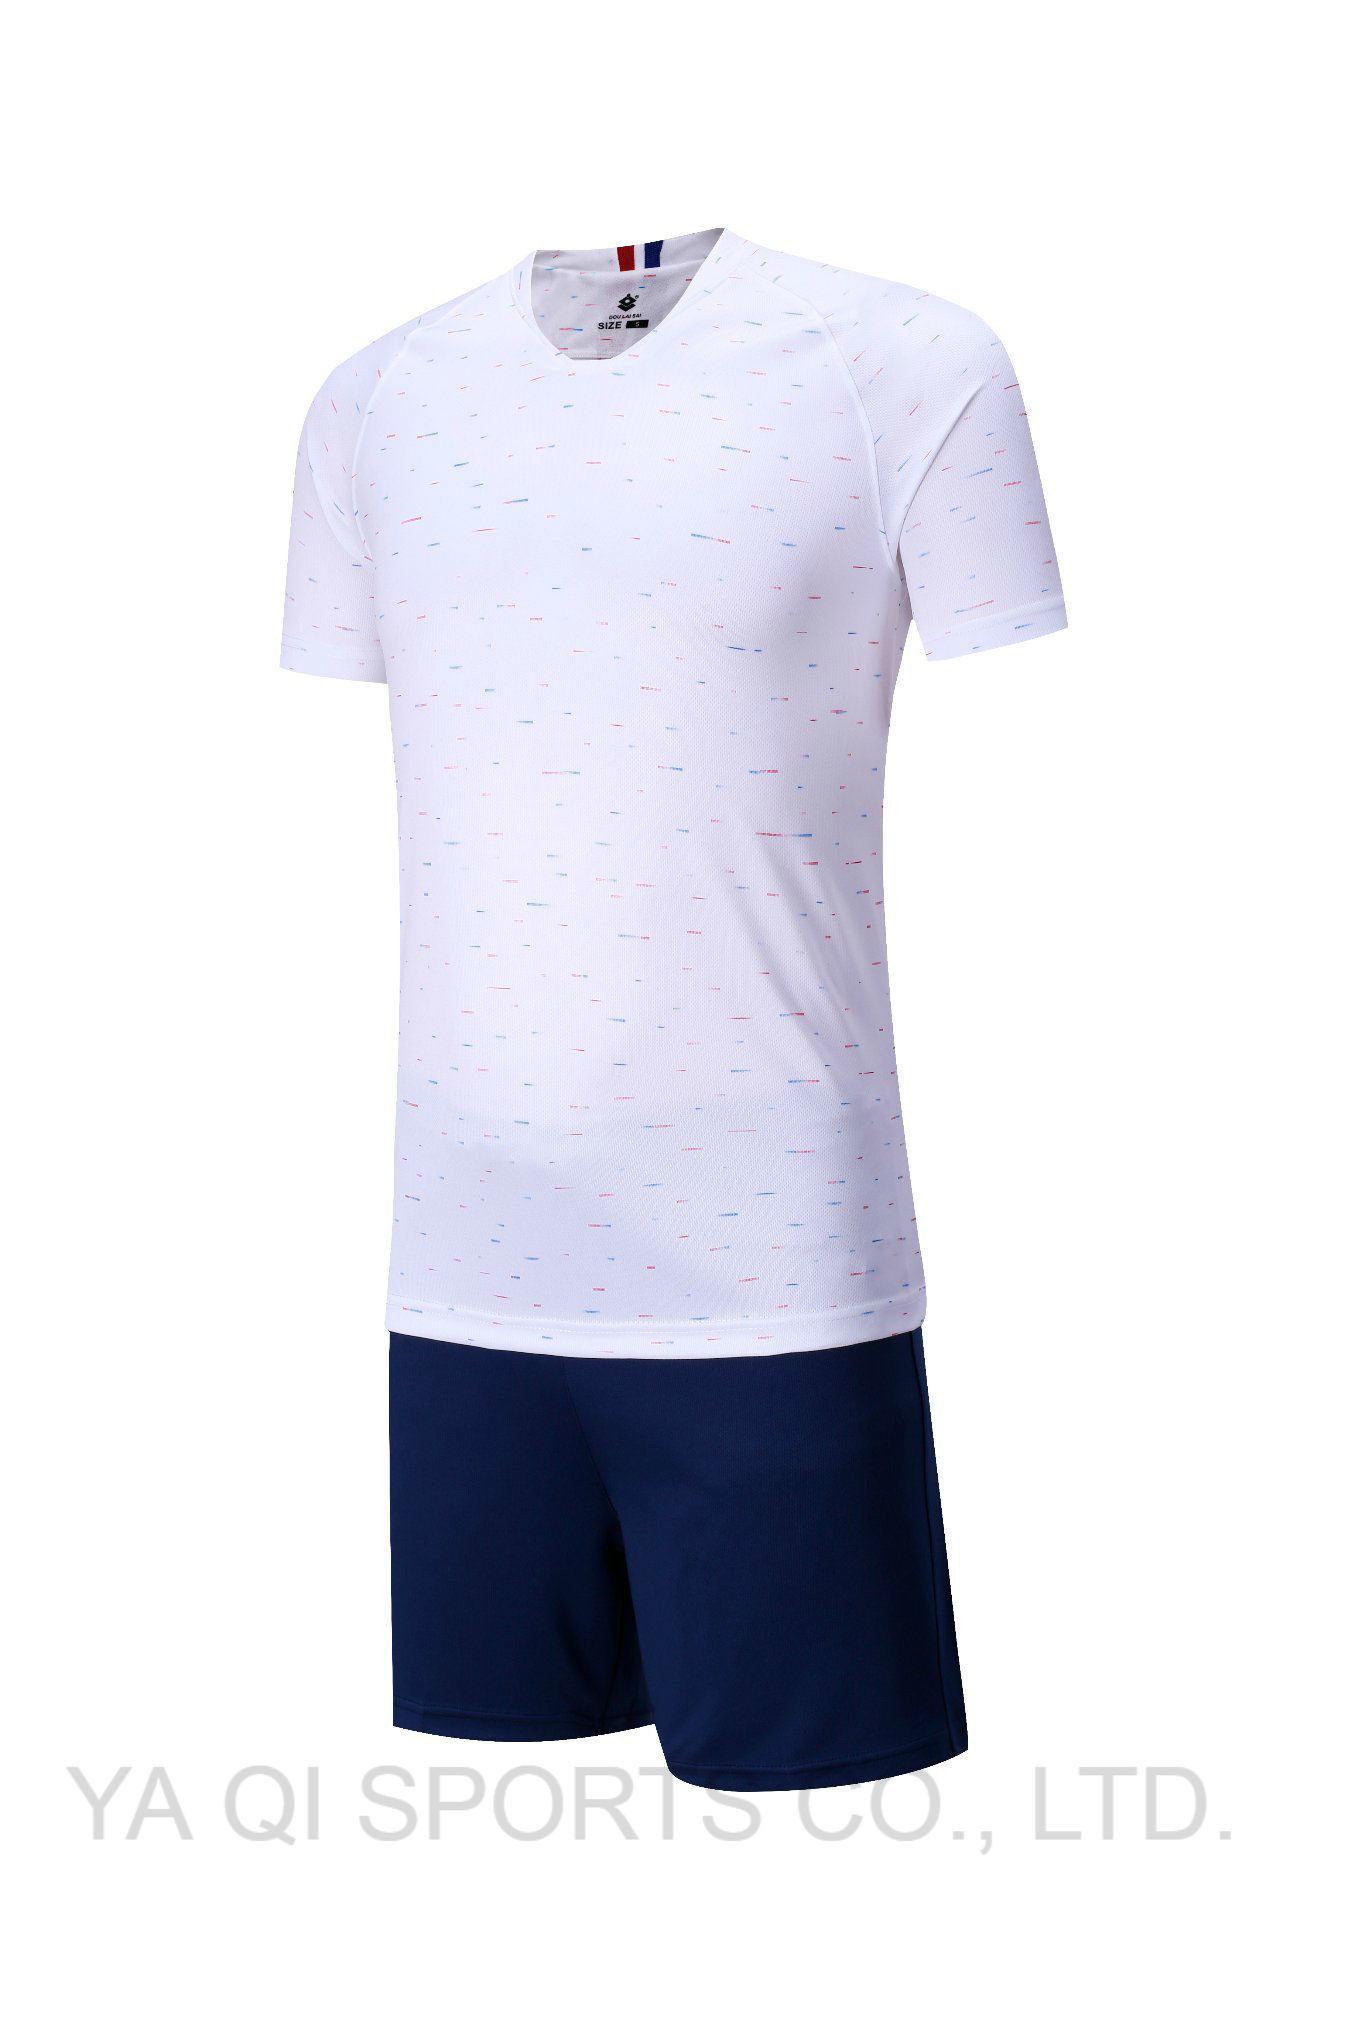 online retailer 8d211 89412 [Hot Item] France Away Jersey 2018 World Cup Soccer Jersey Custom Design  Soccer Uniform